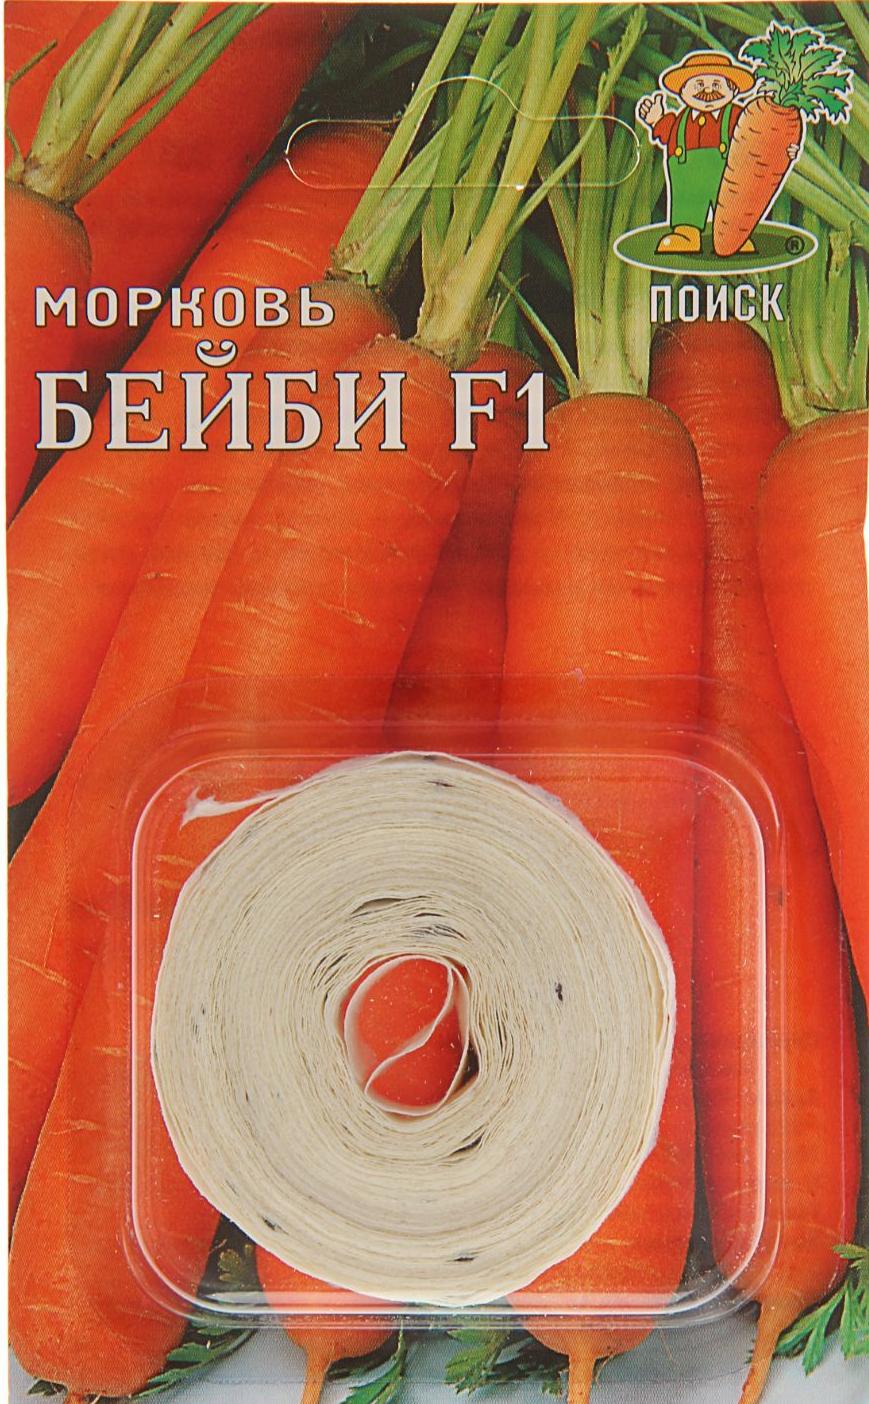 Как сажать морковь в открытый грунт семенами весной и летом: чтобы быстро взошла, пошаговая инструкция